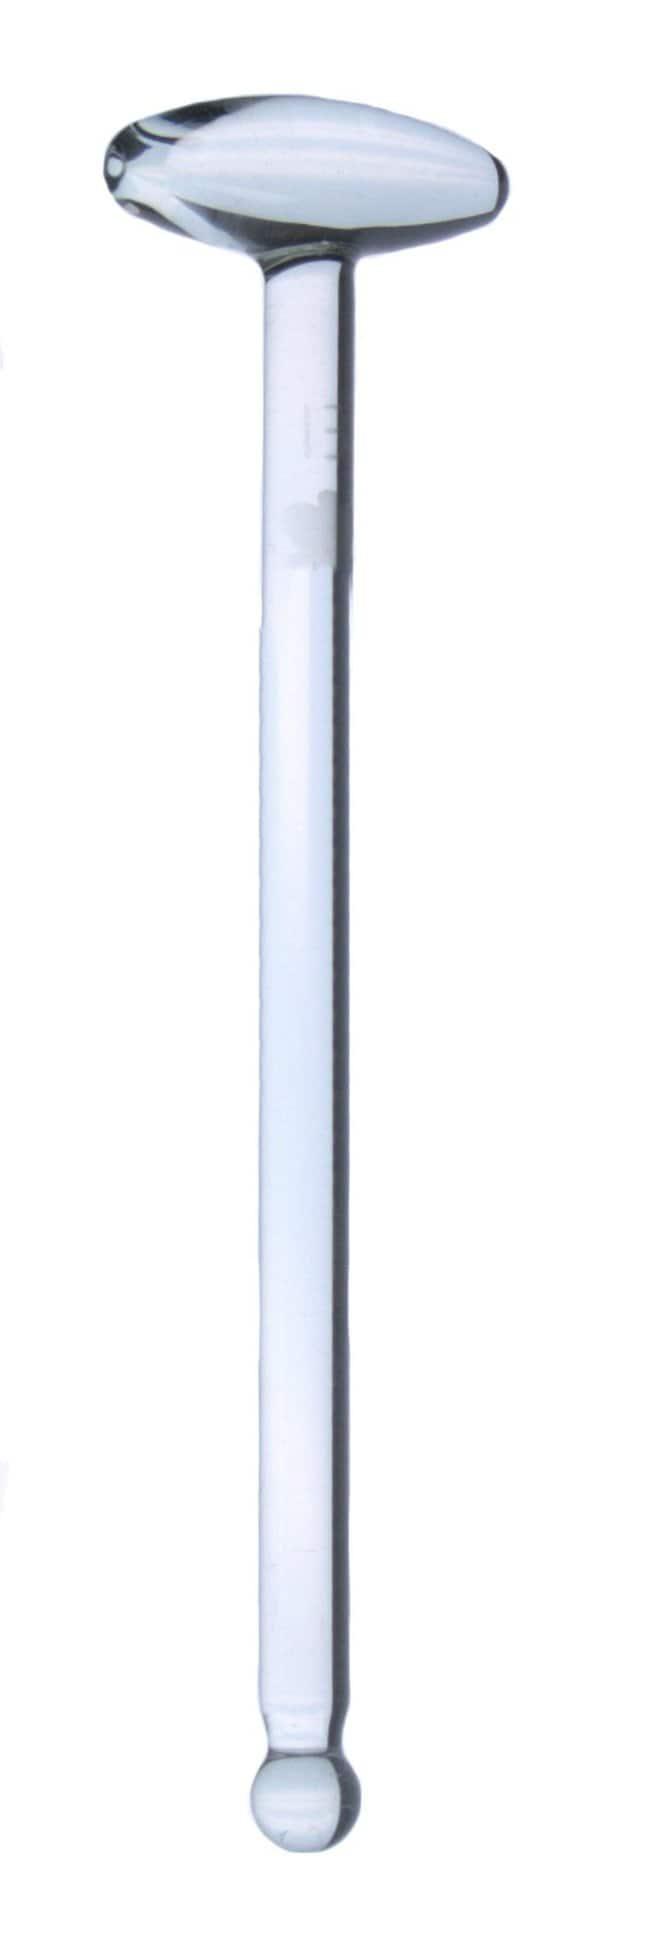 DWK Life SciencesKontes™ Ersatzteile für Dounce-Gewebeschleifer aus Glas Kleiner Pistill; 15ml Produkte